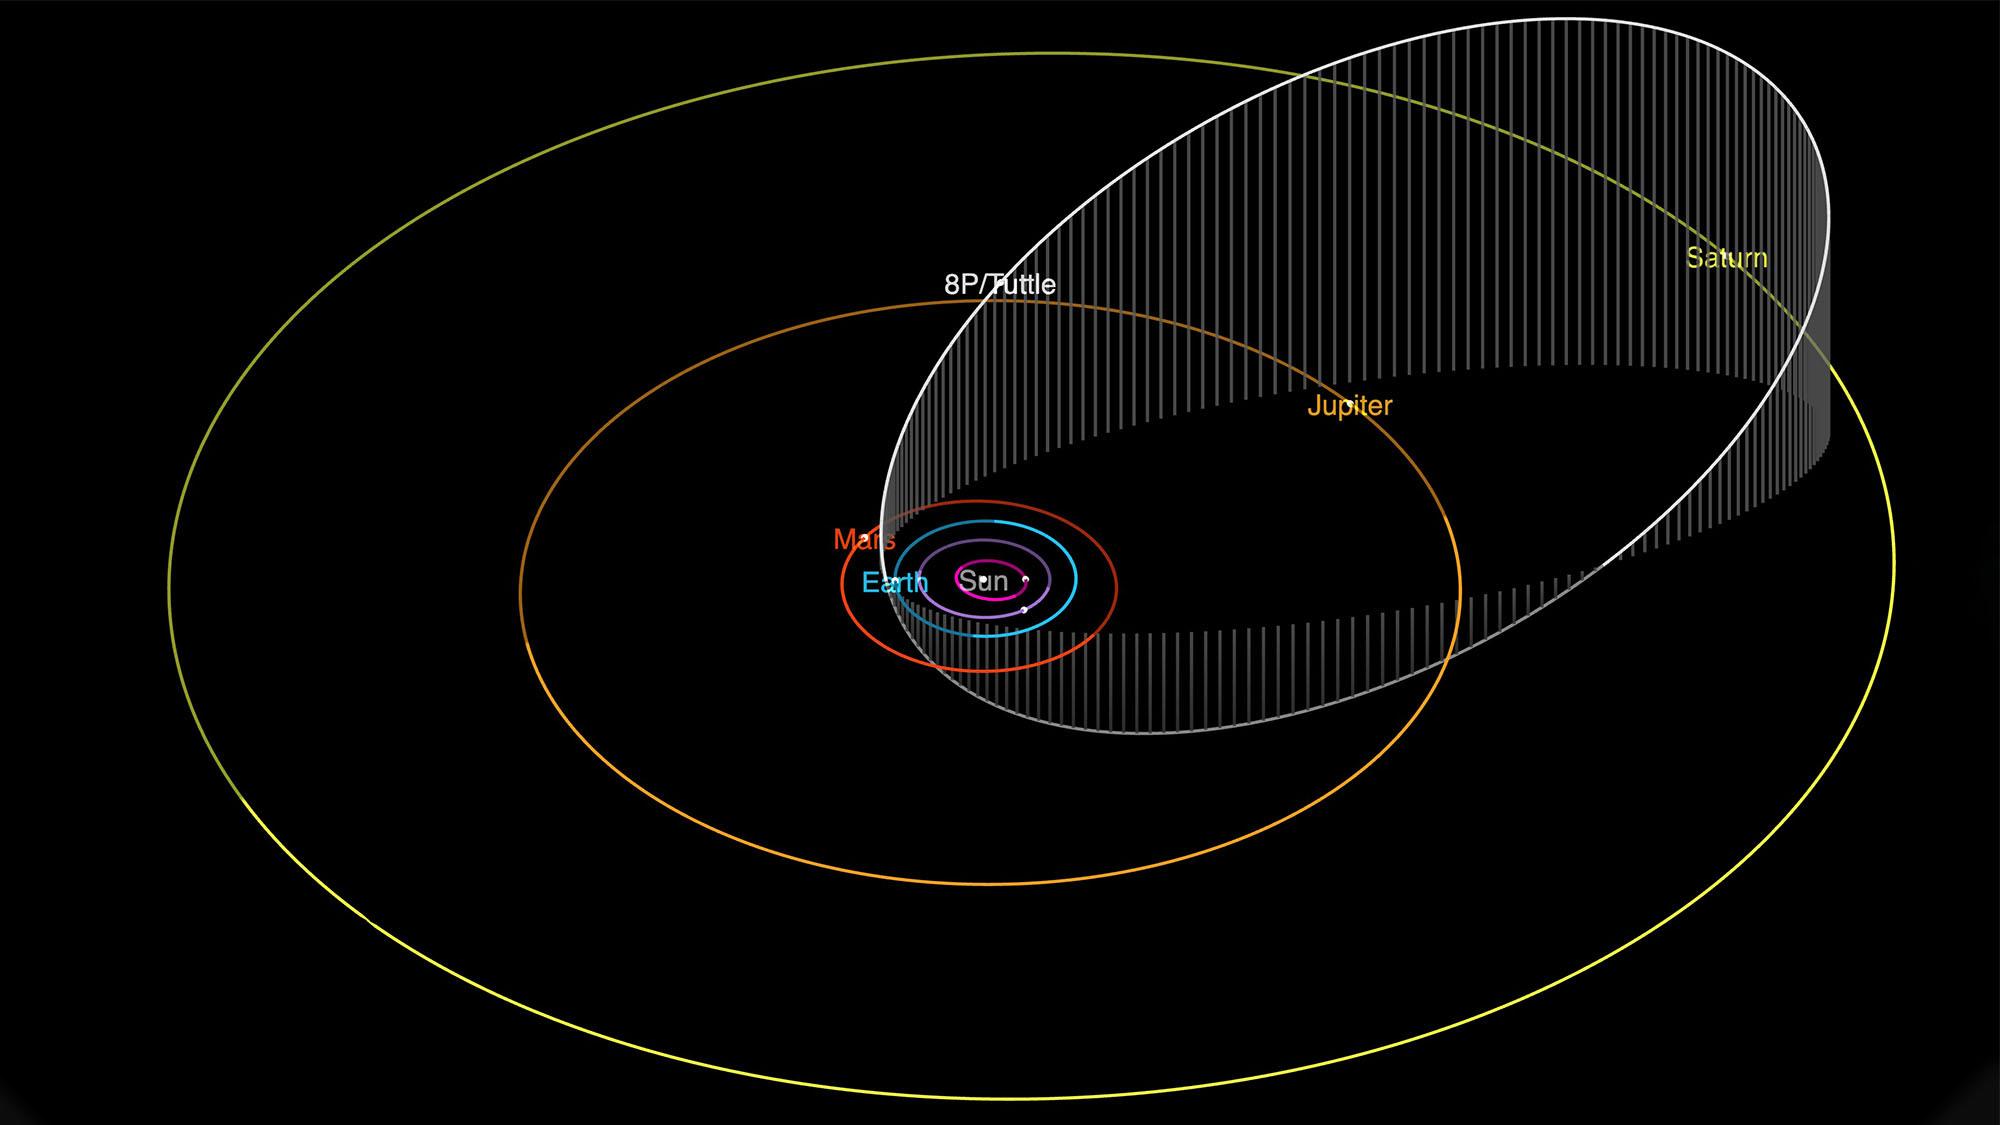 Cette carte orbitale montre le mouvement de la comète 8P / Tuttle à travers le système solaire.